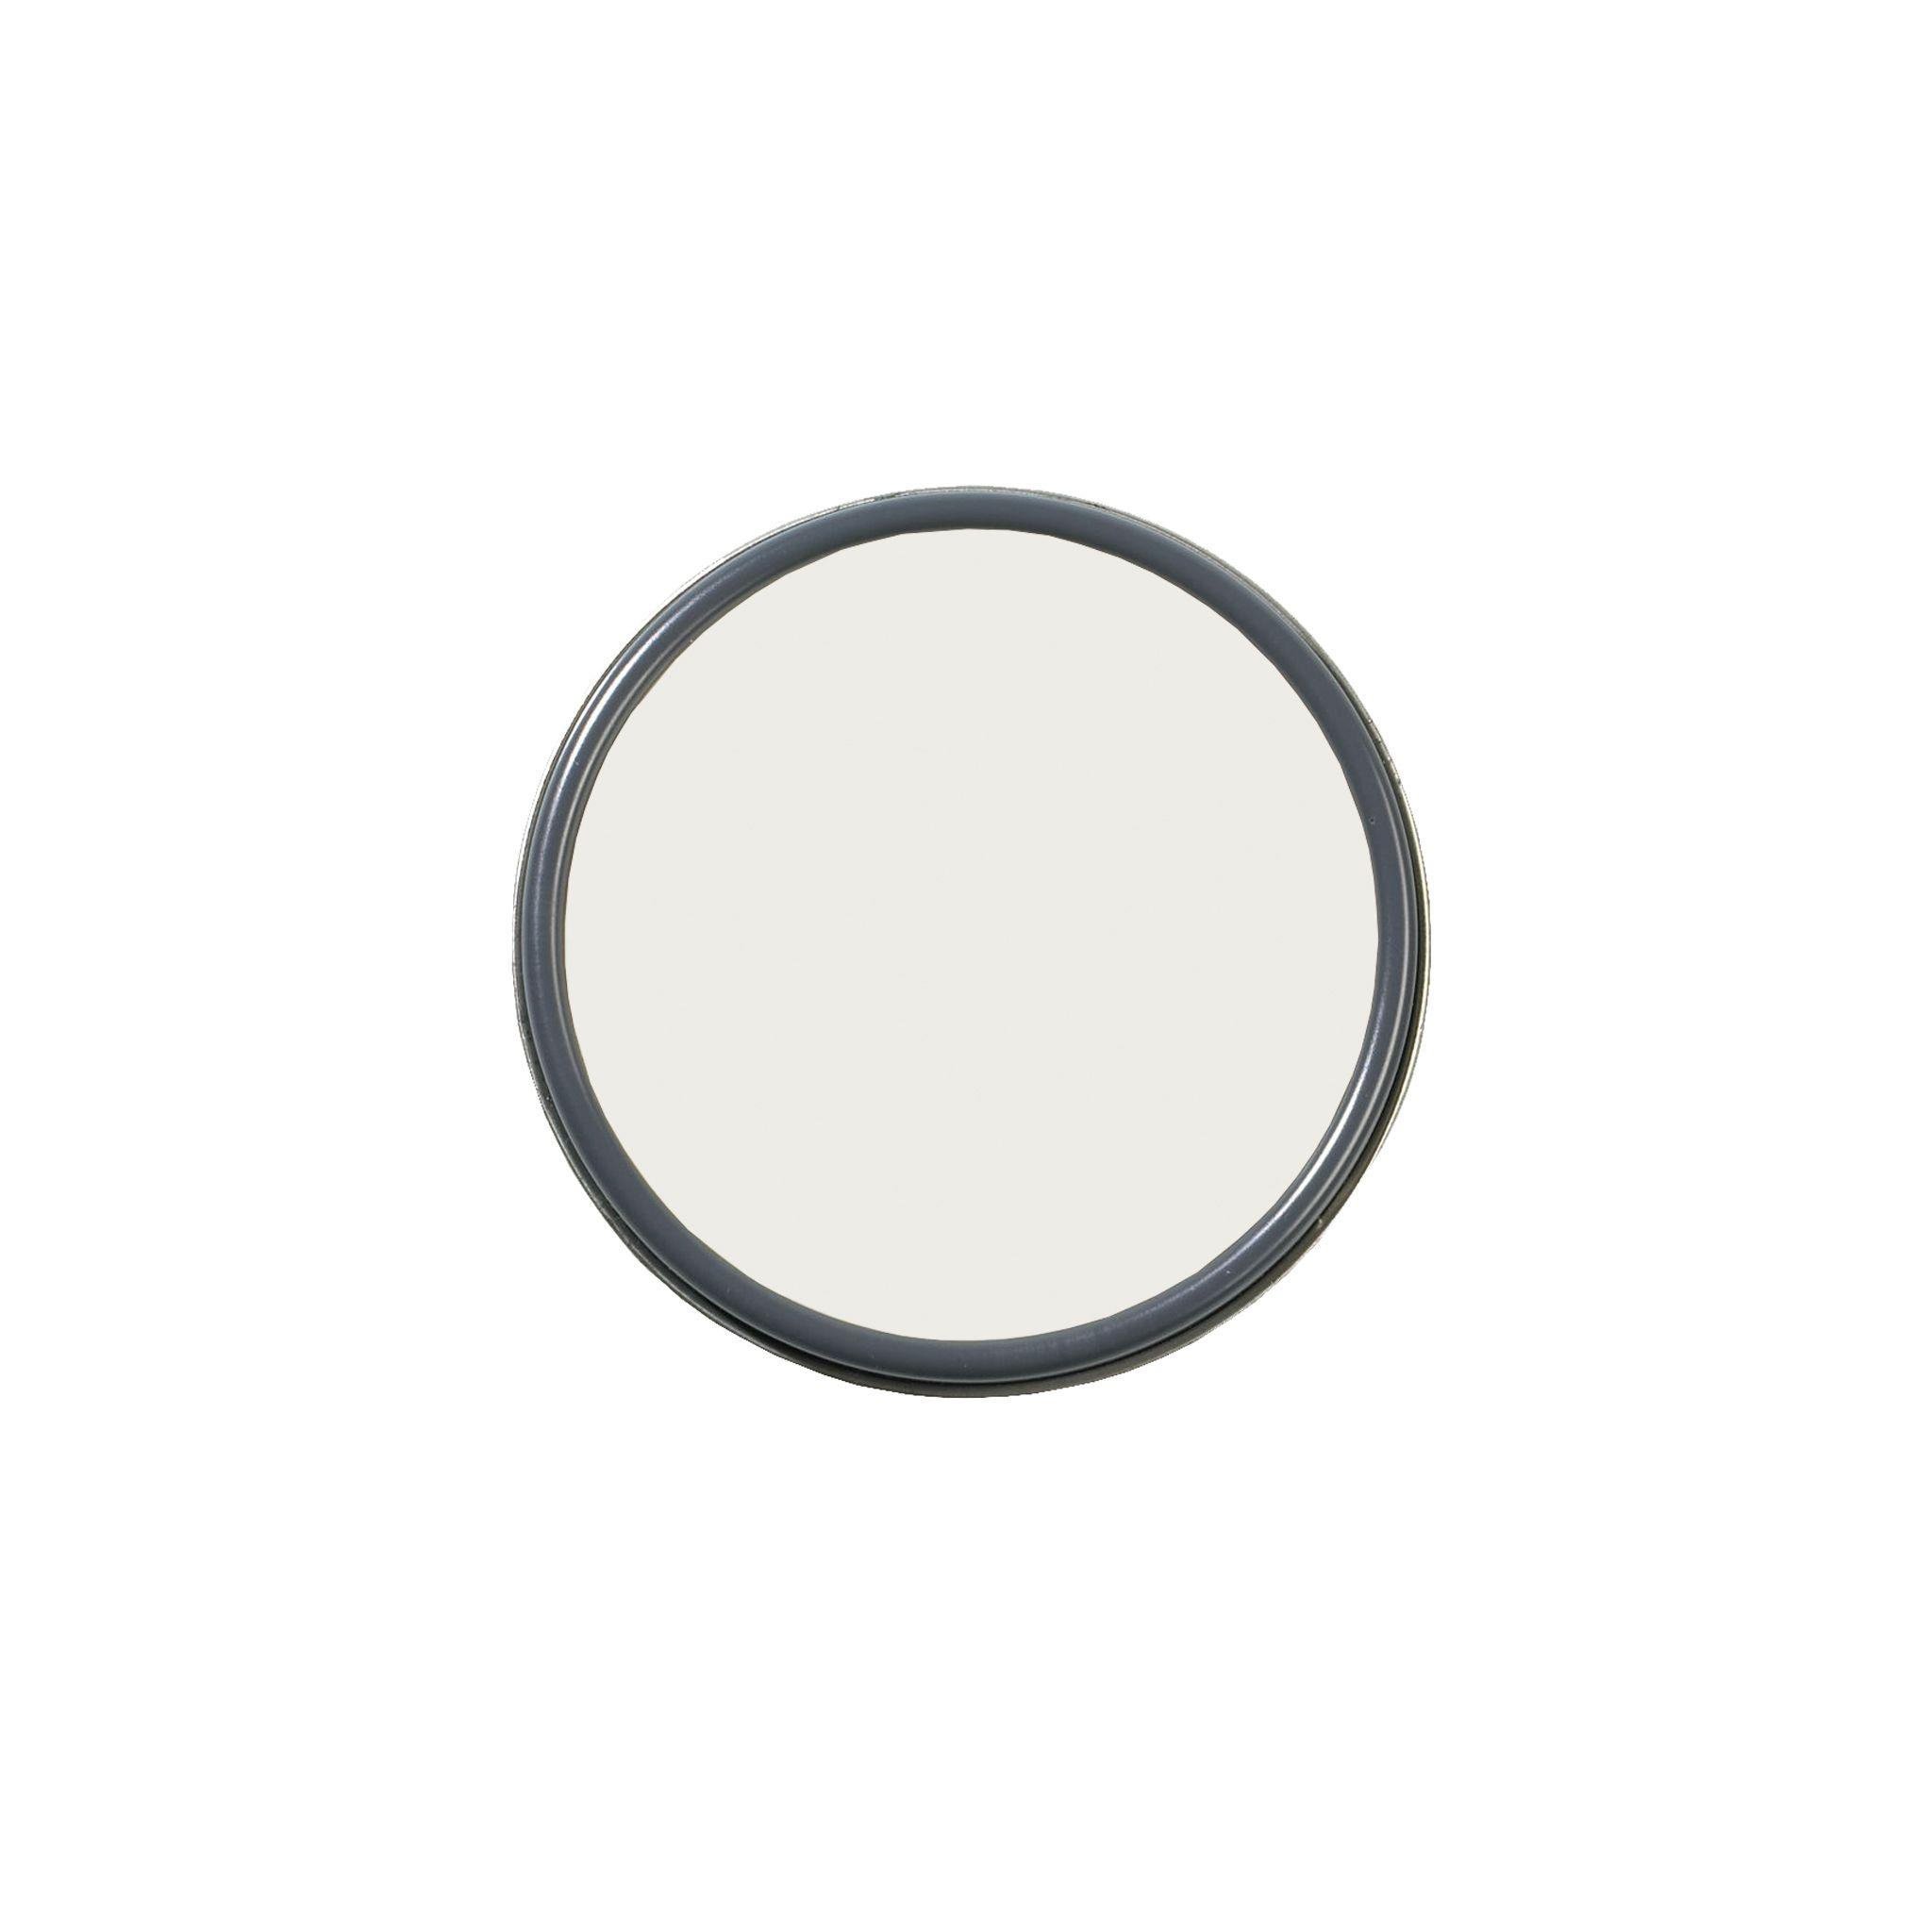 Sherwin-Williams Pure White